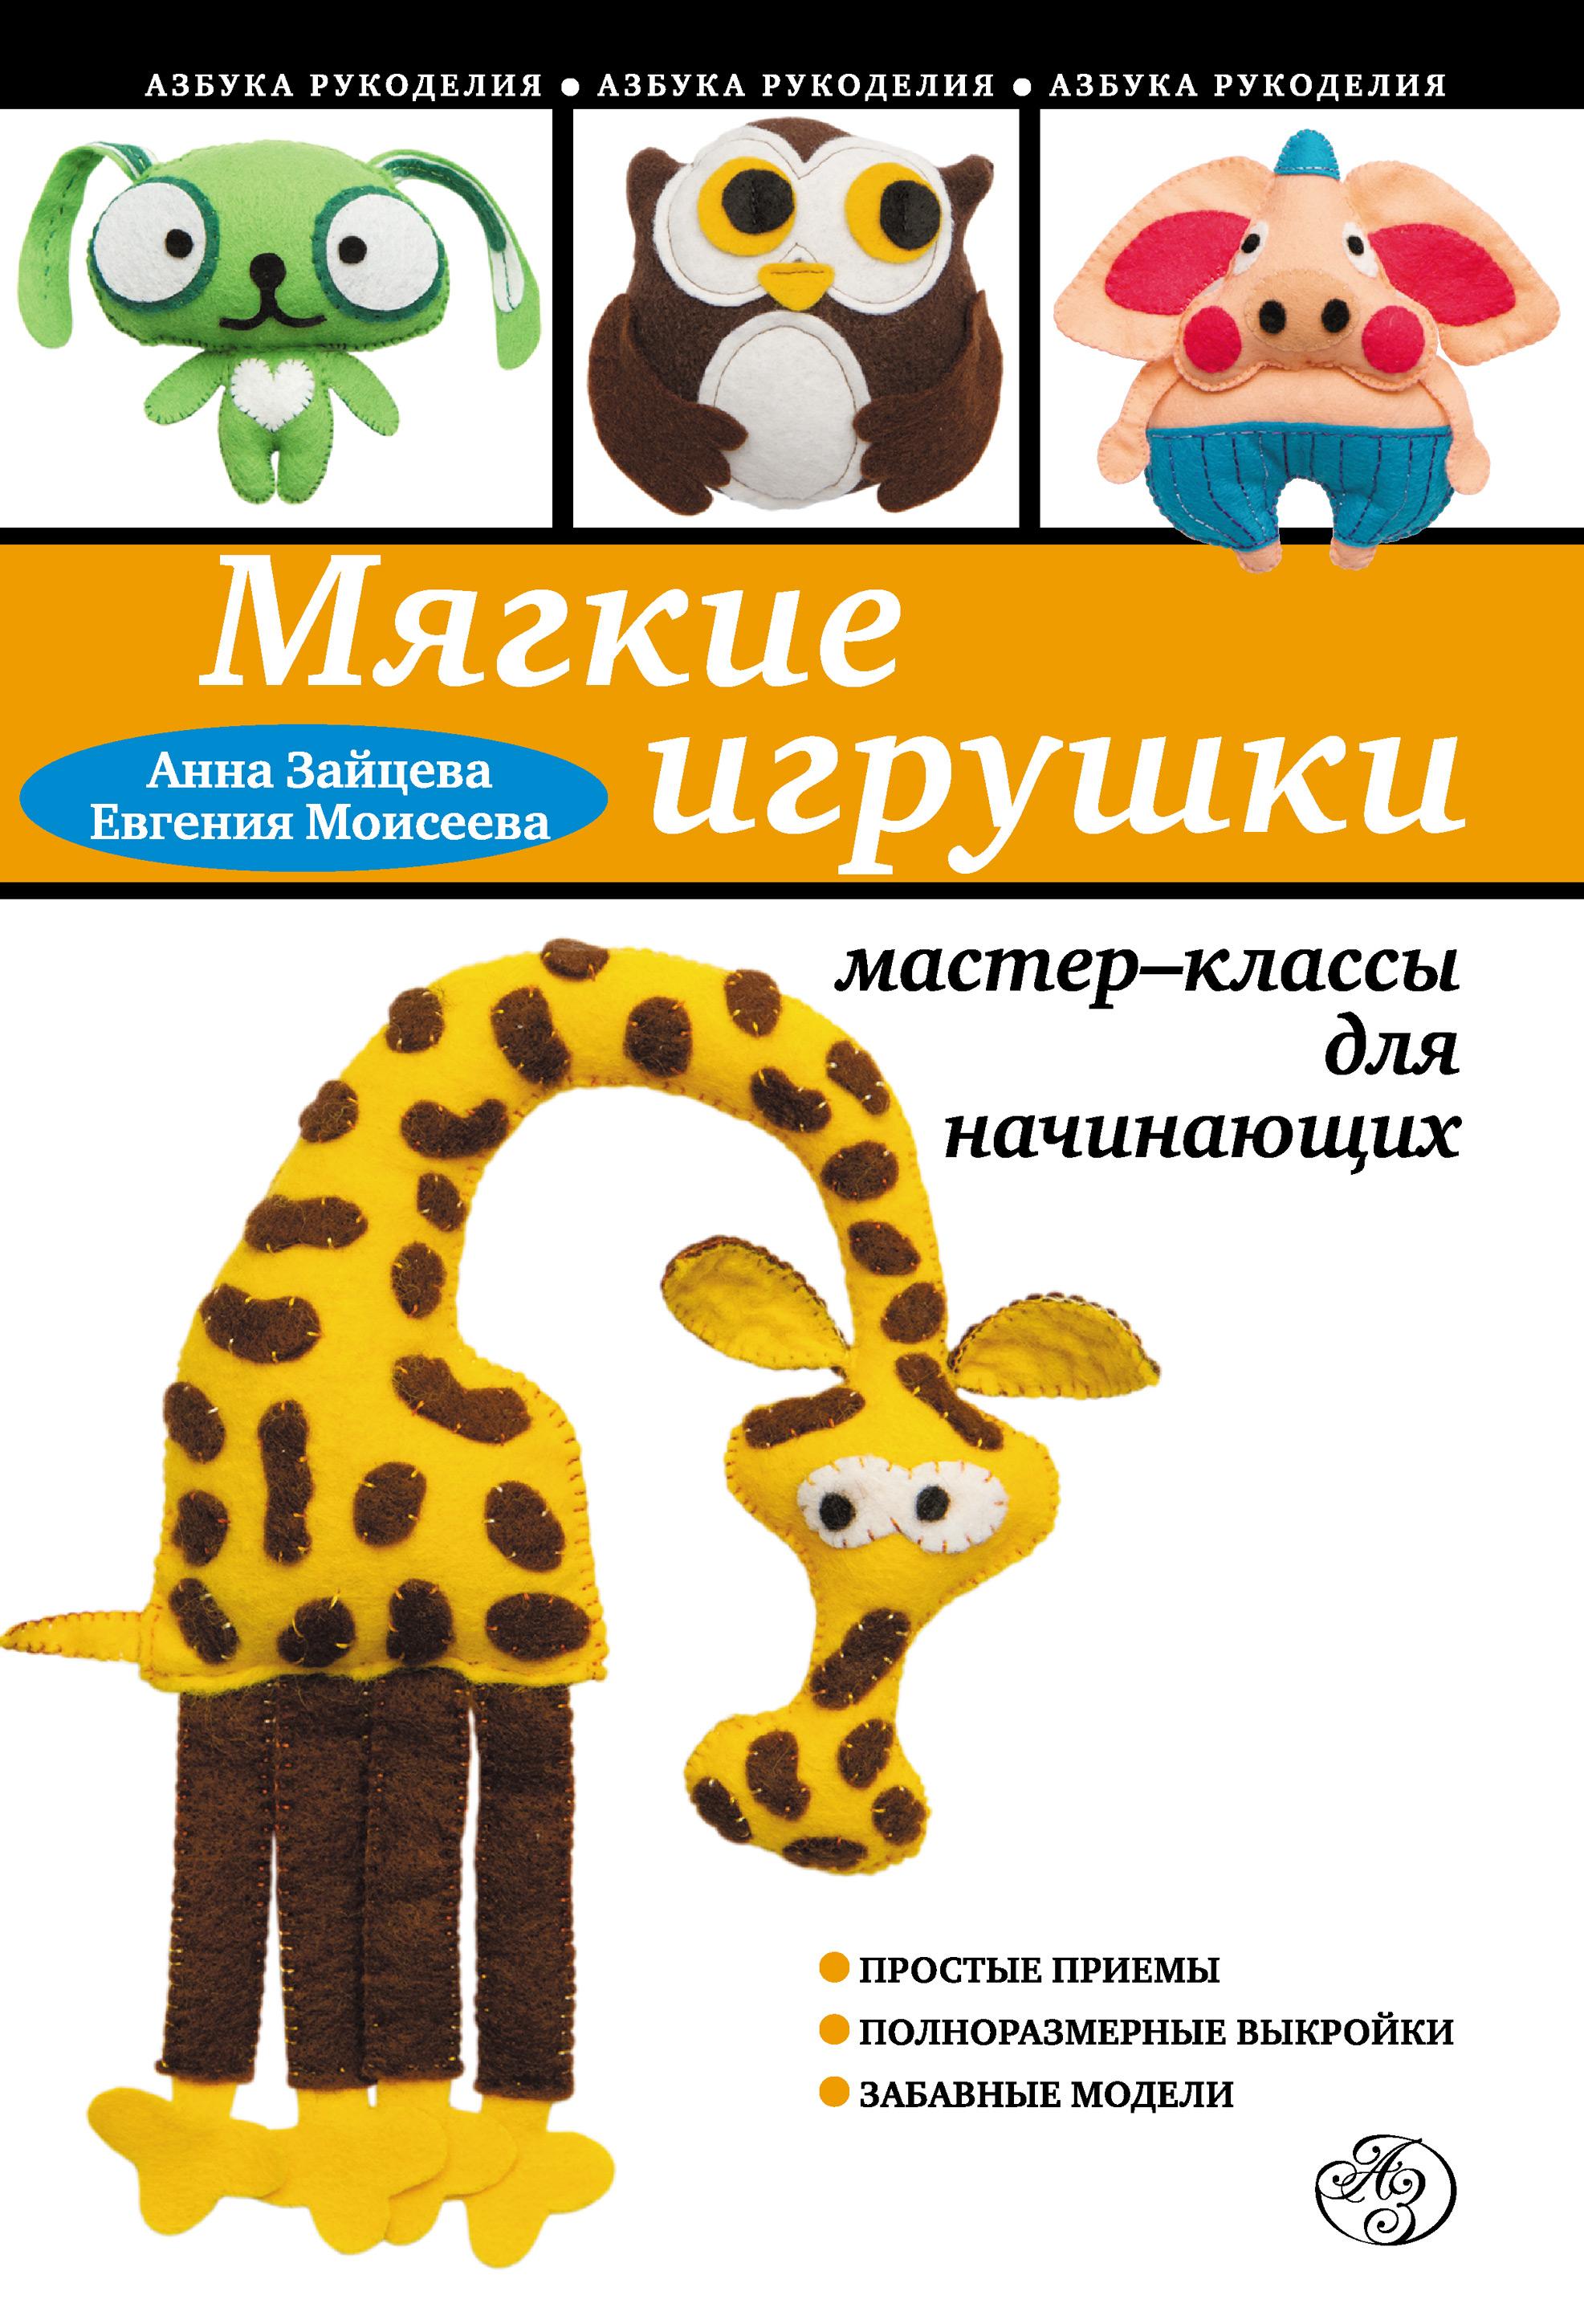 Анна Зайцева Мягкие игрушки своими руками: мастер-классы для начинающих анна зайцева сказочные куклы своими руками